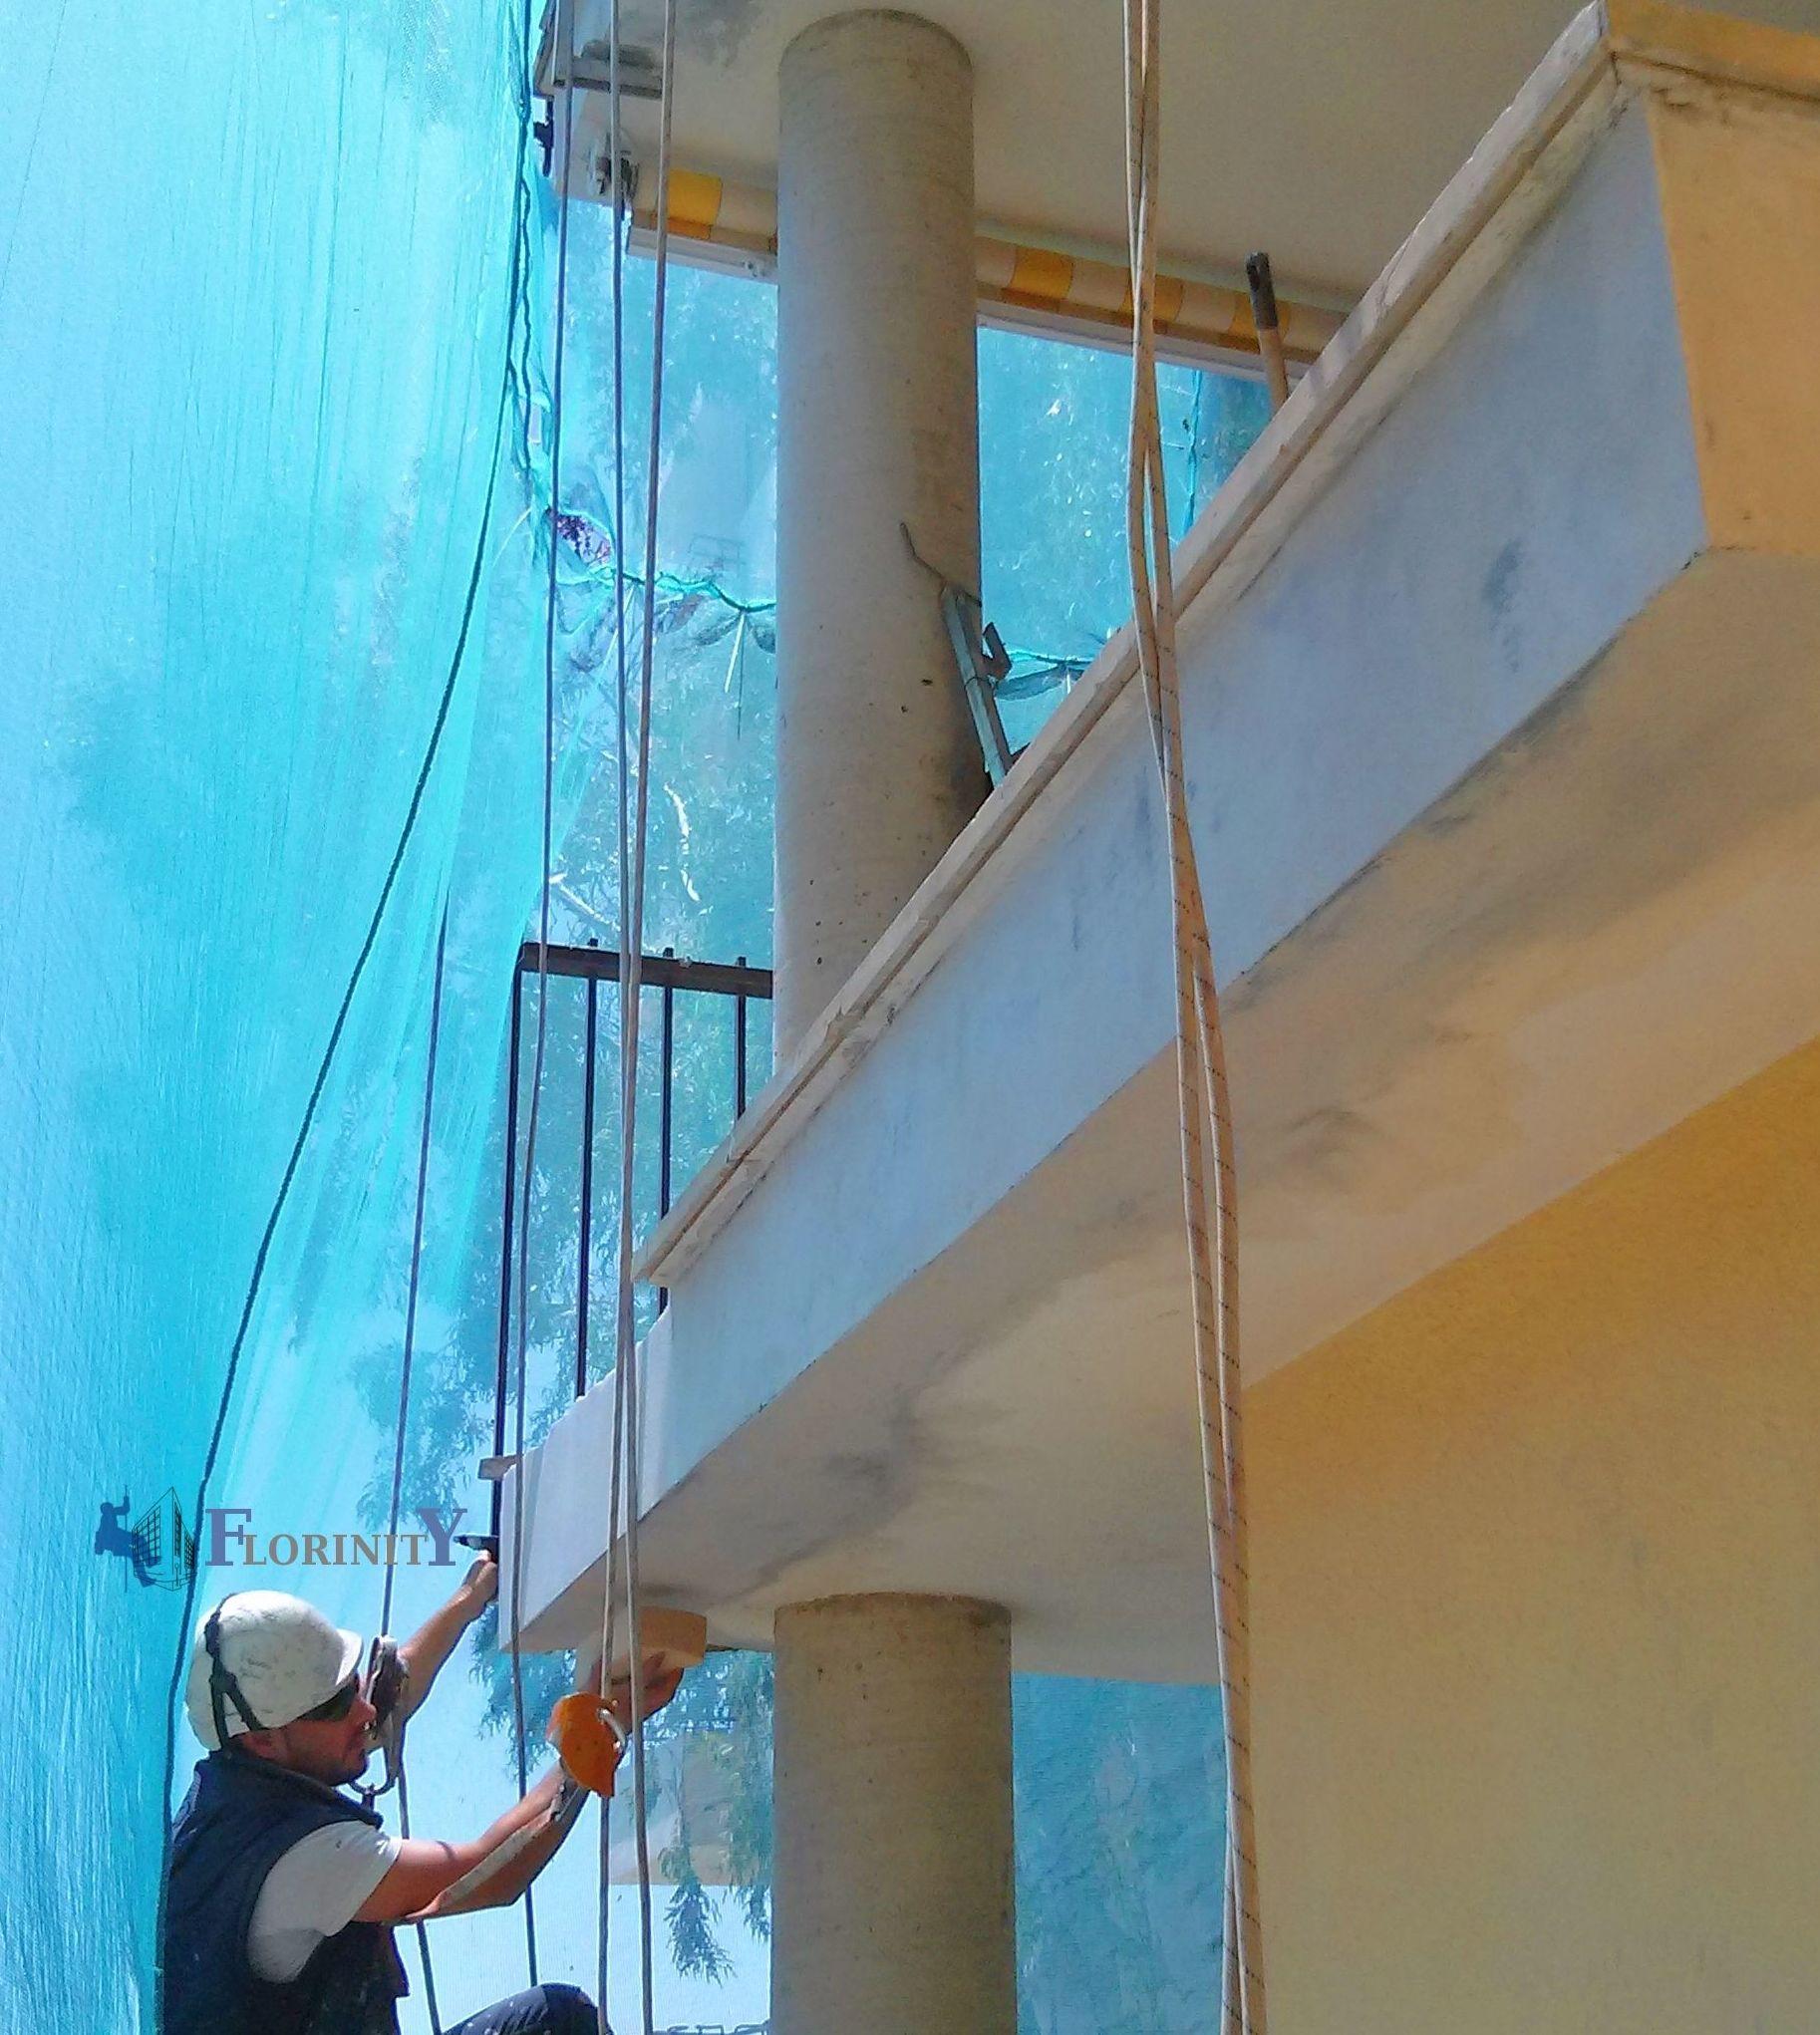 Foto 134 de Trabajos verticales en Palma de Mallorca | Trabajos Verticales Florinity